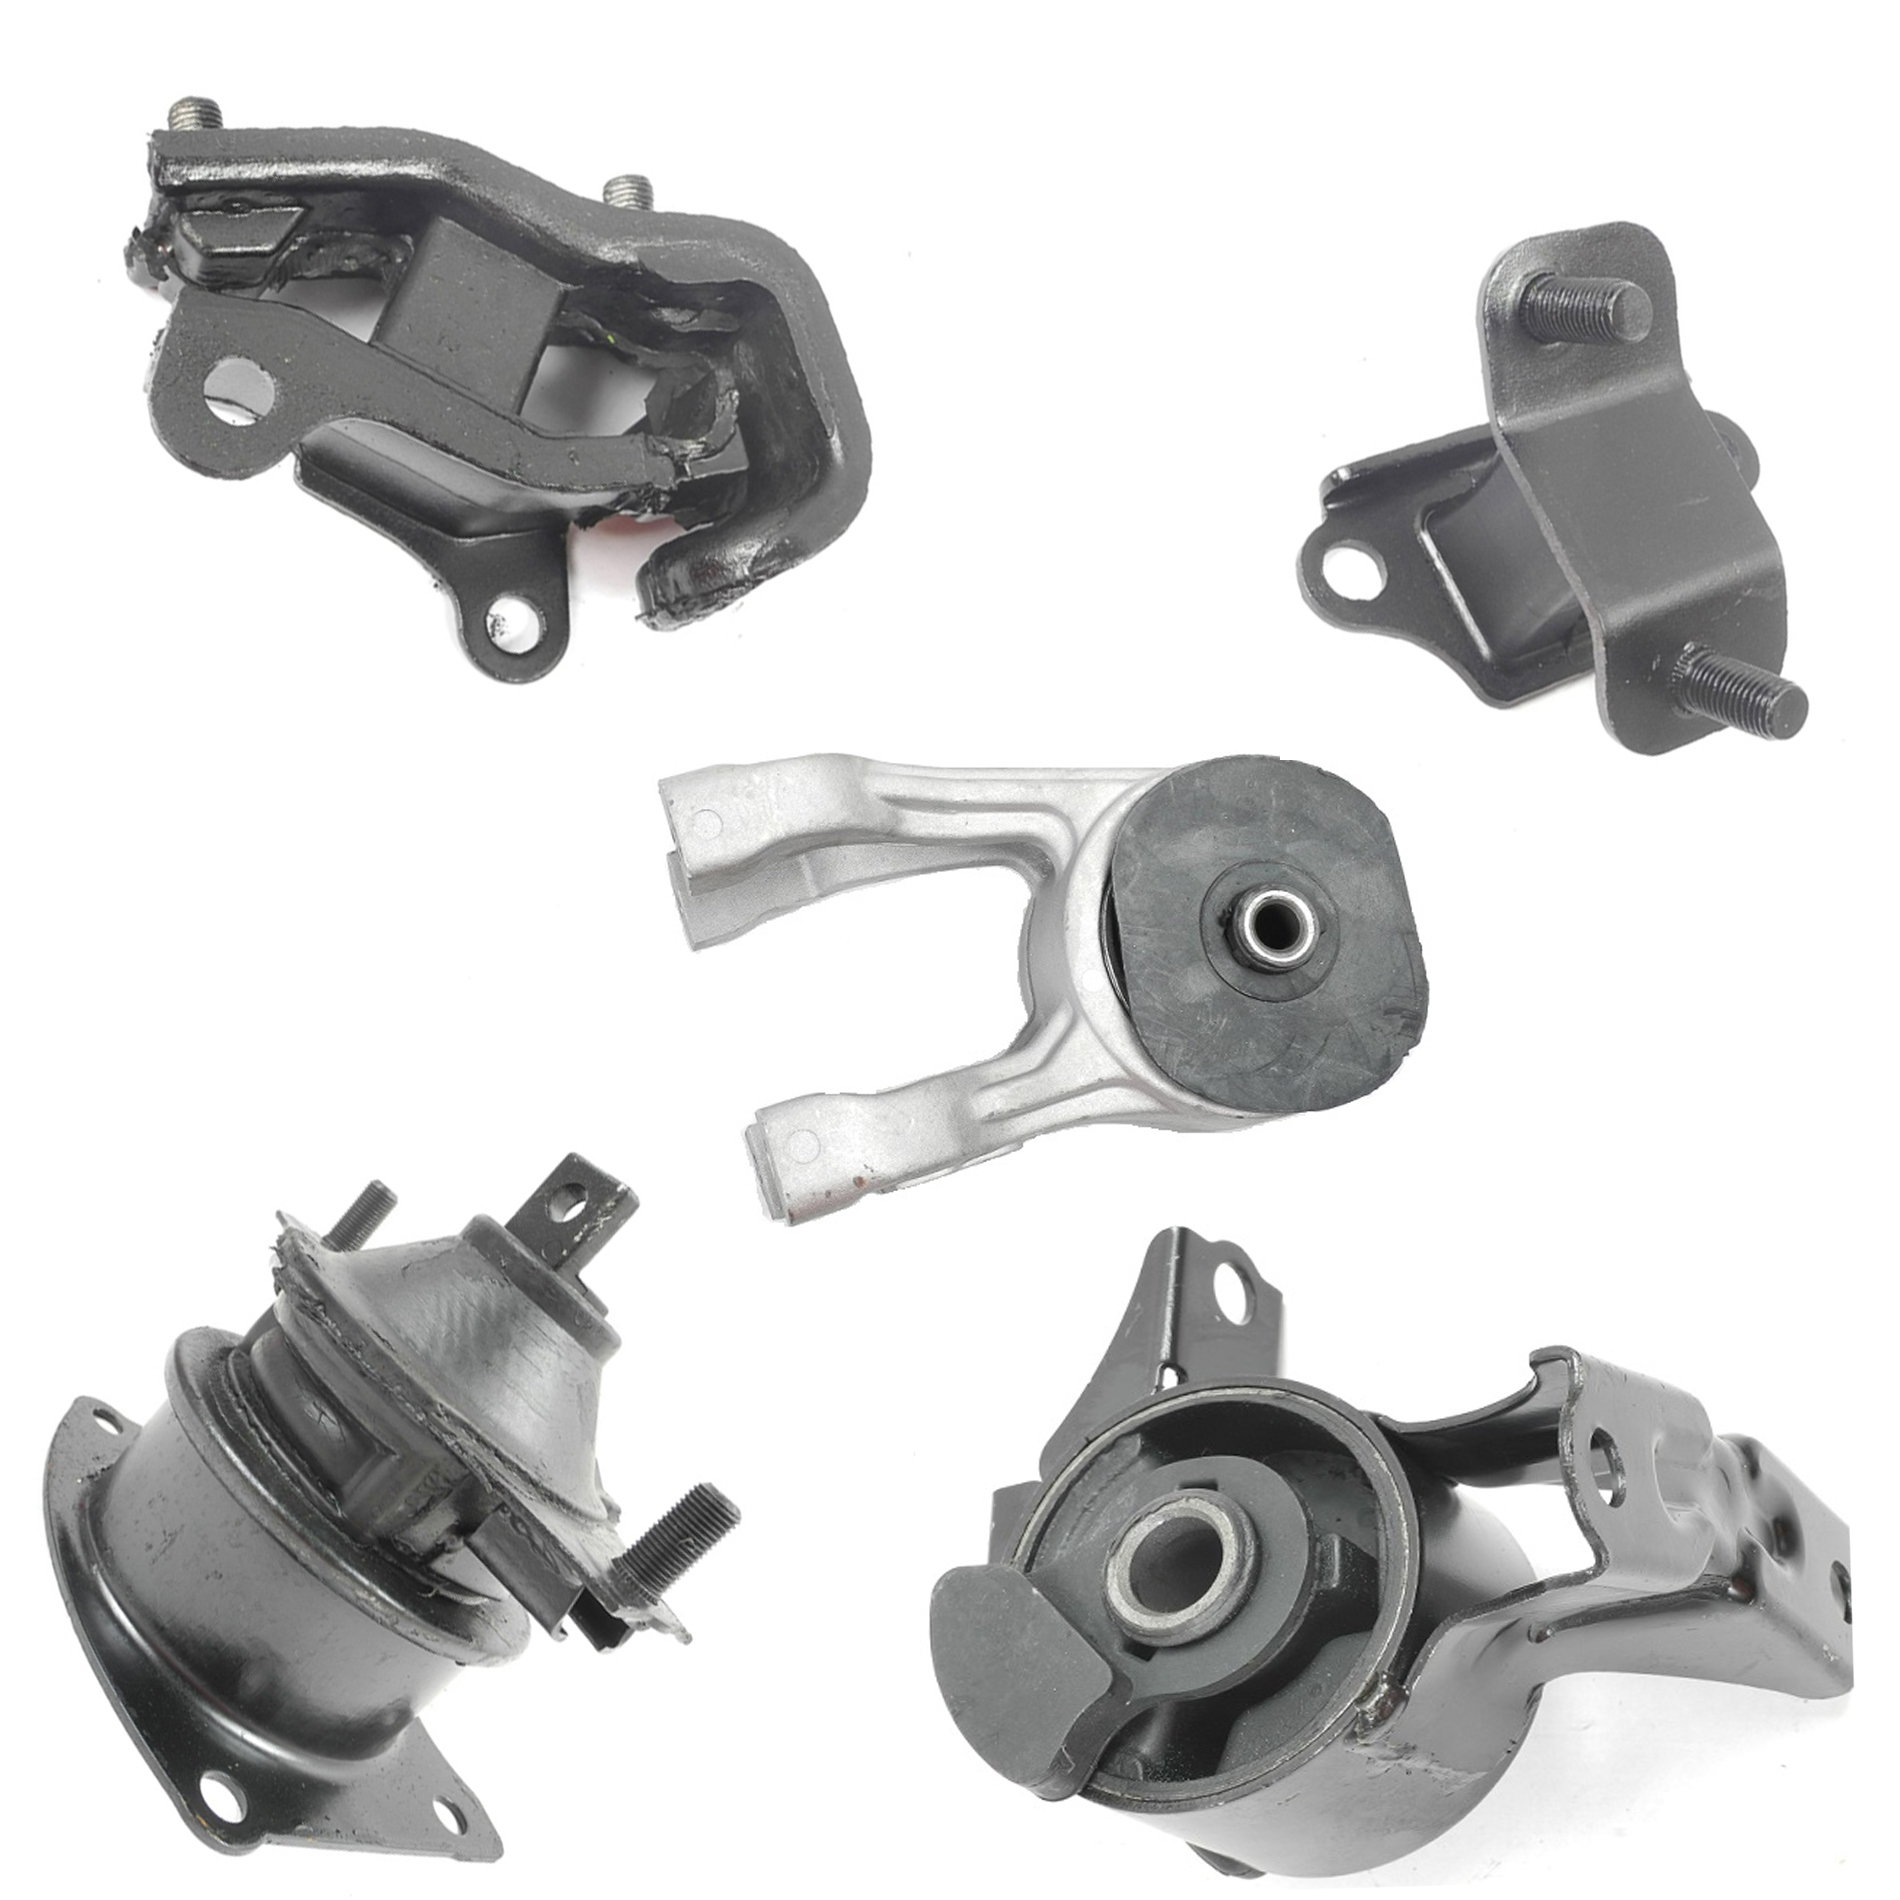 Motor /& Transmission Mount Kit Set For 2005-2006 Honda Odyssey 3.5L VTEC EX// LX